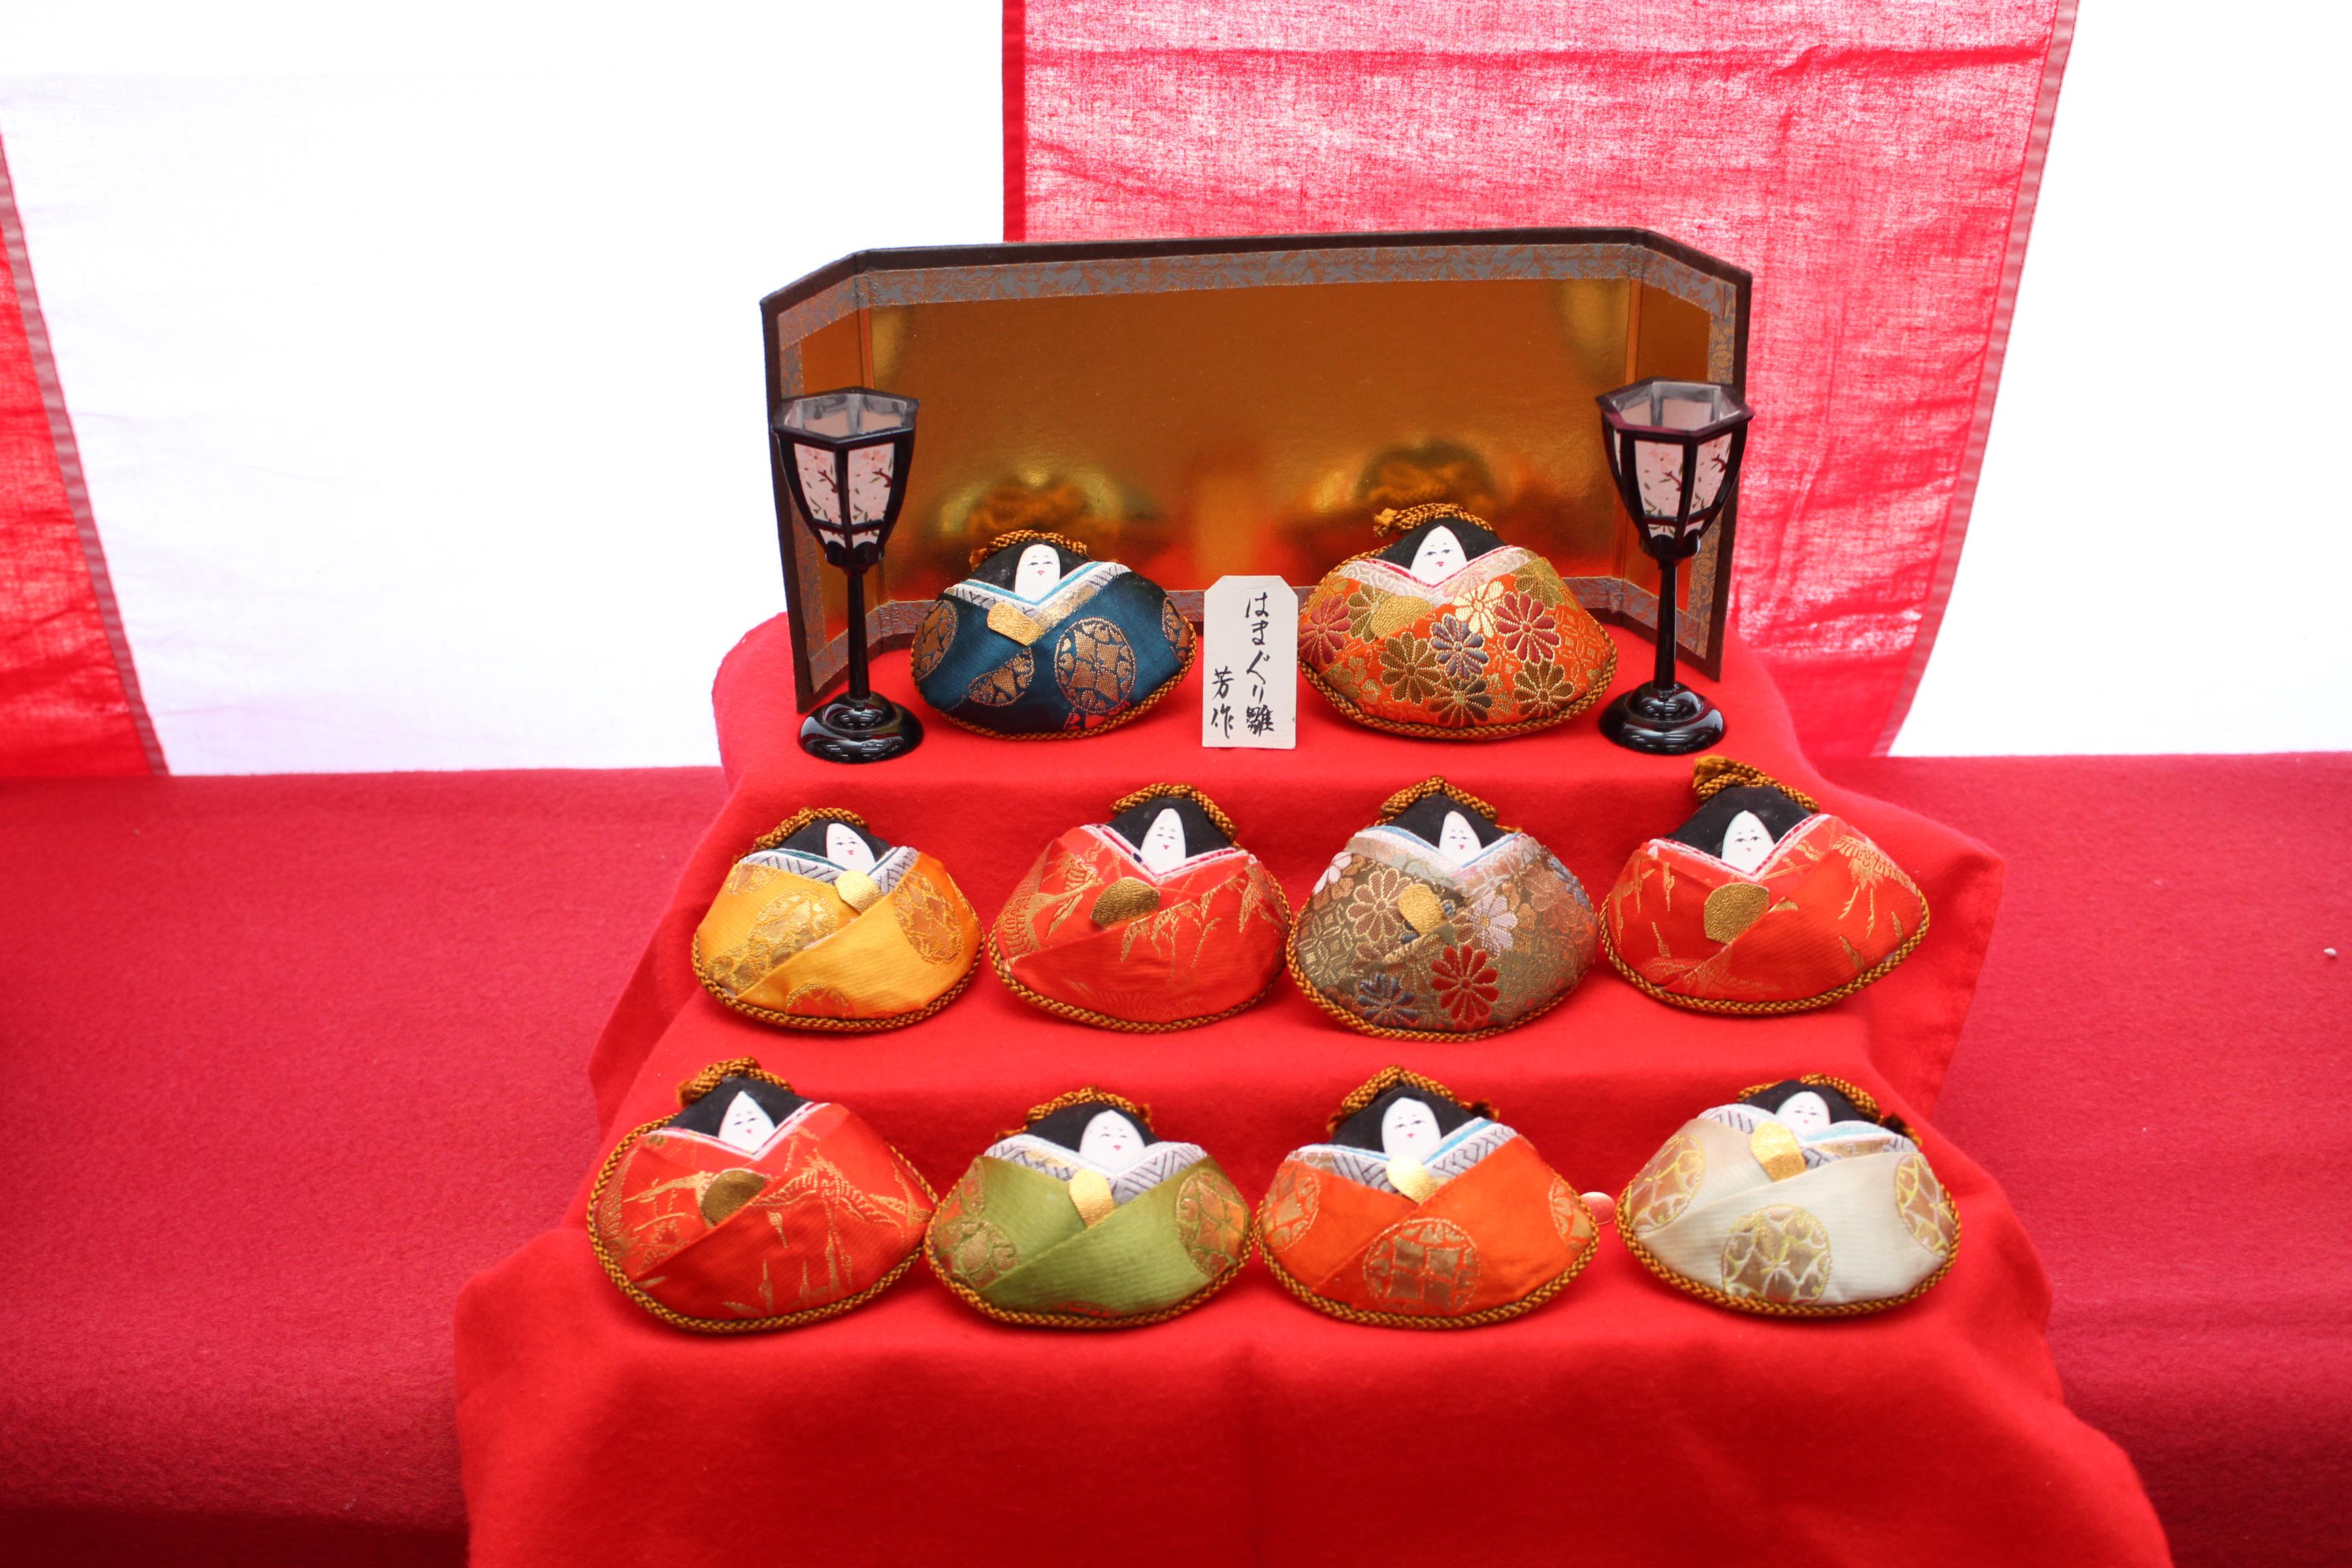 義経弁慶伝説の湯 瀬見温泉春の宴 ひなまつり